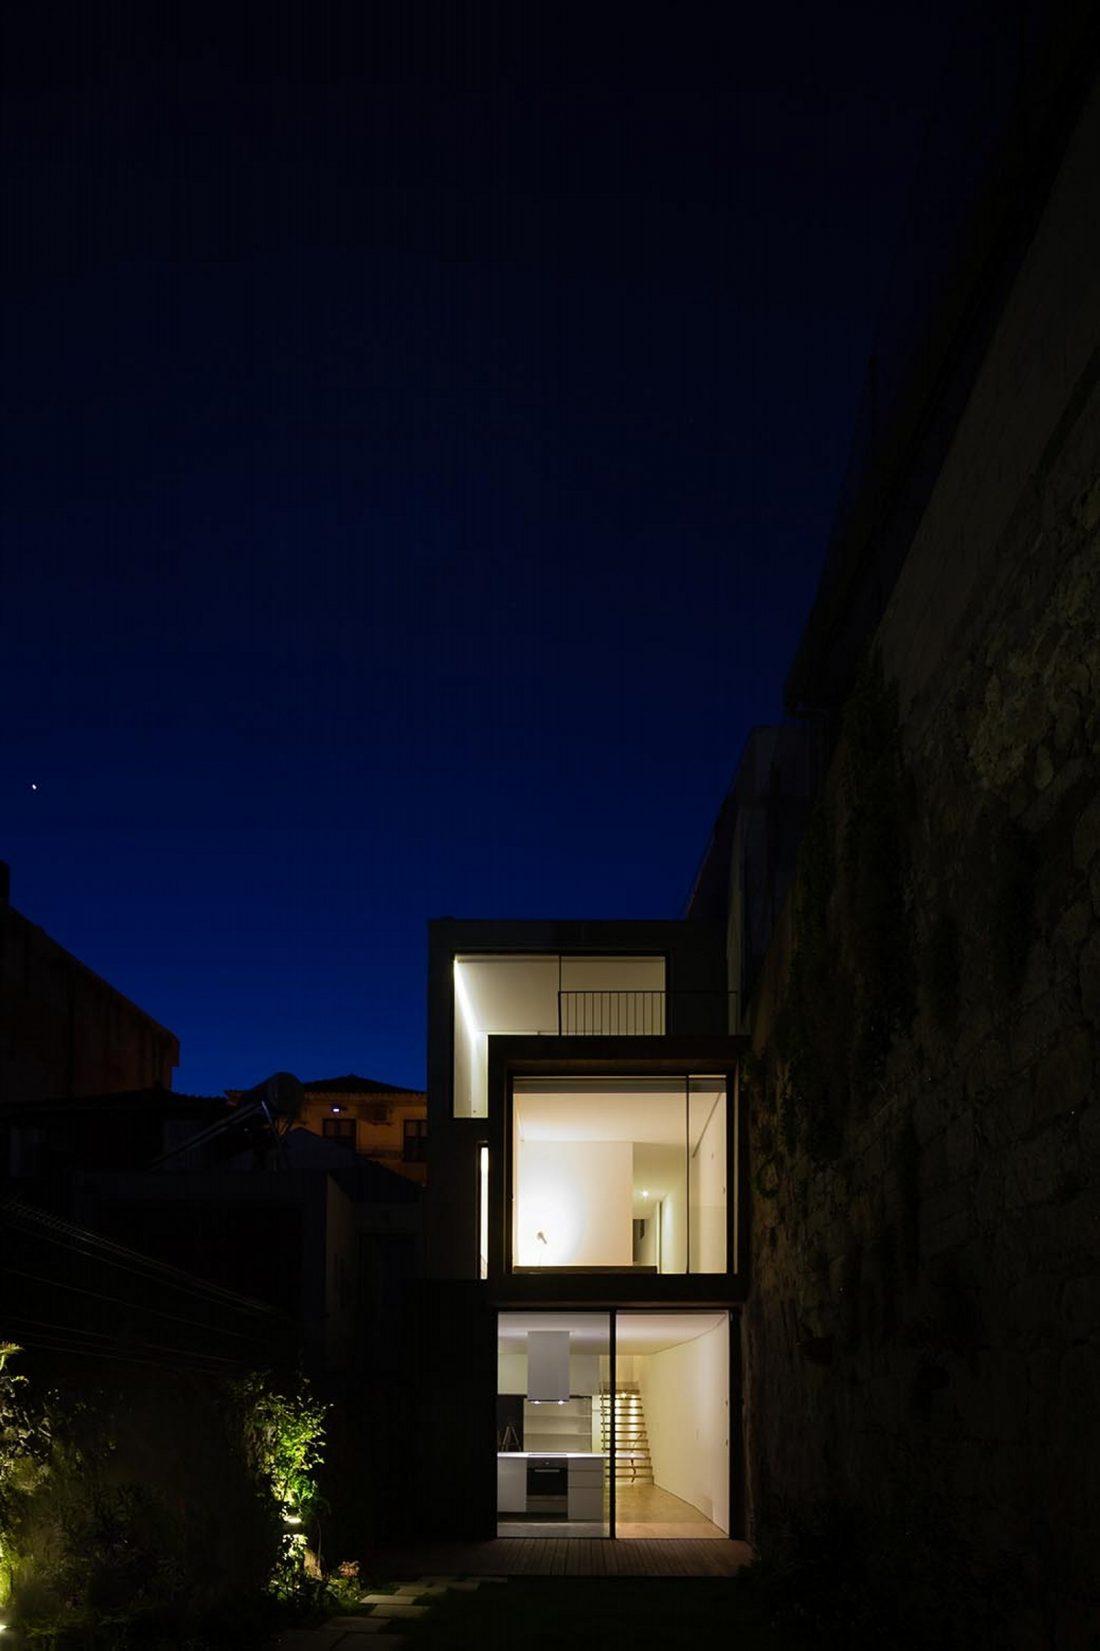 Реконструкция старинного дома Bonjardim House в Португалии по проекту ATKA arquitectos 36